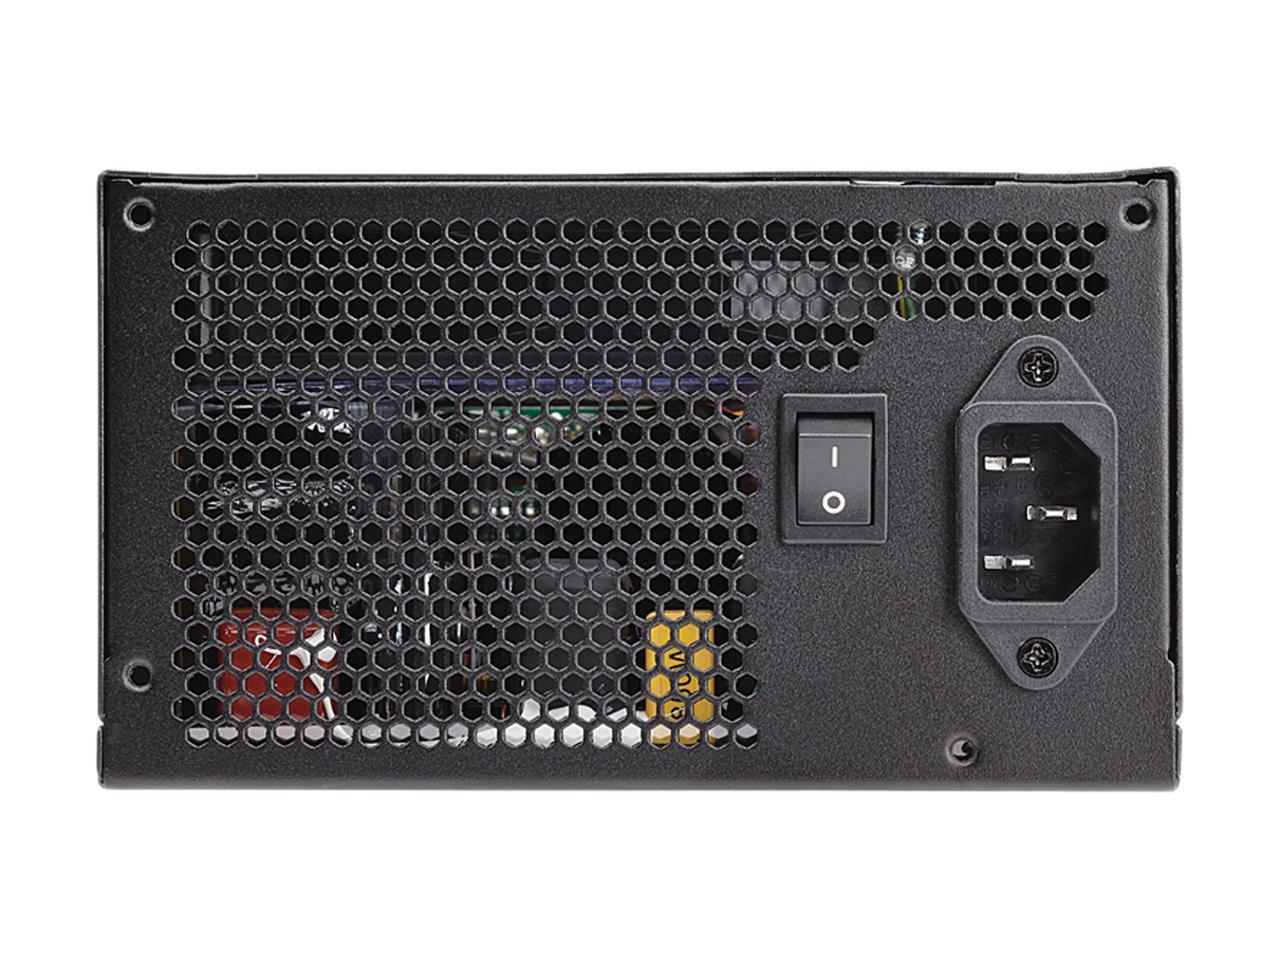 Reacondicionado Certificado Fuente de alimentaci/ón ATX//EPS 750 W, Cables Semi modulares Gen 2, certificaci/ón 80 Plus Bronze EU Corsair CX Series CX750M CP-9020061-EU